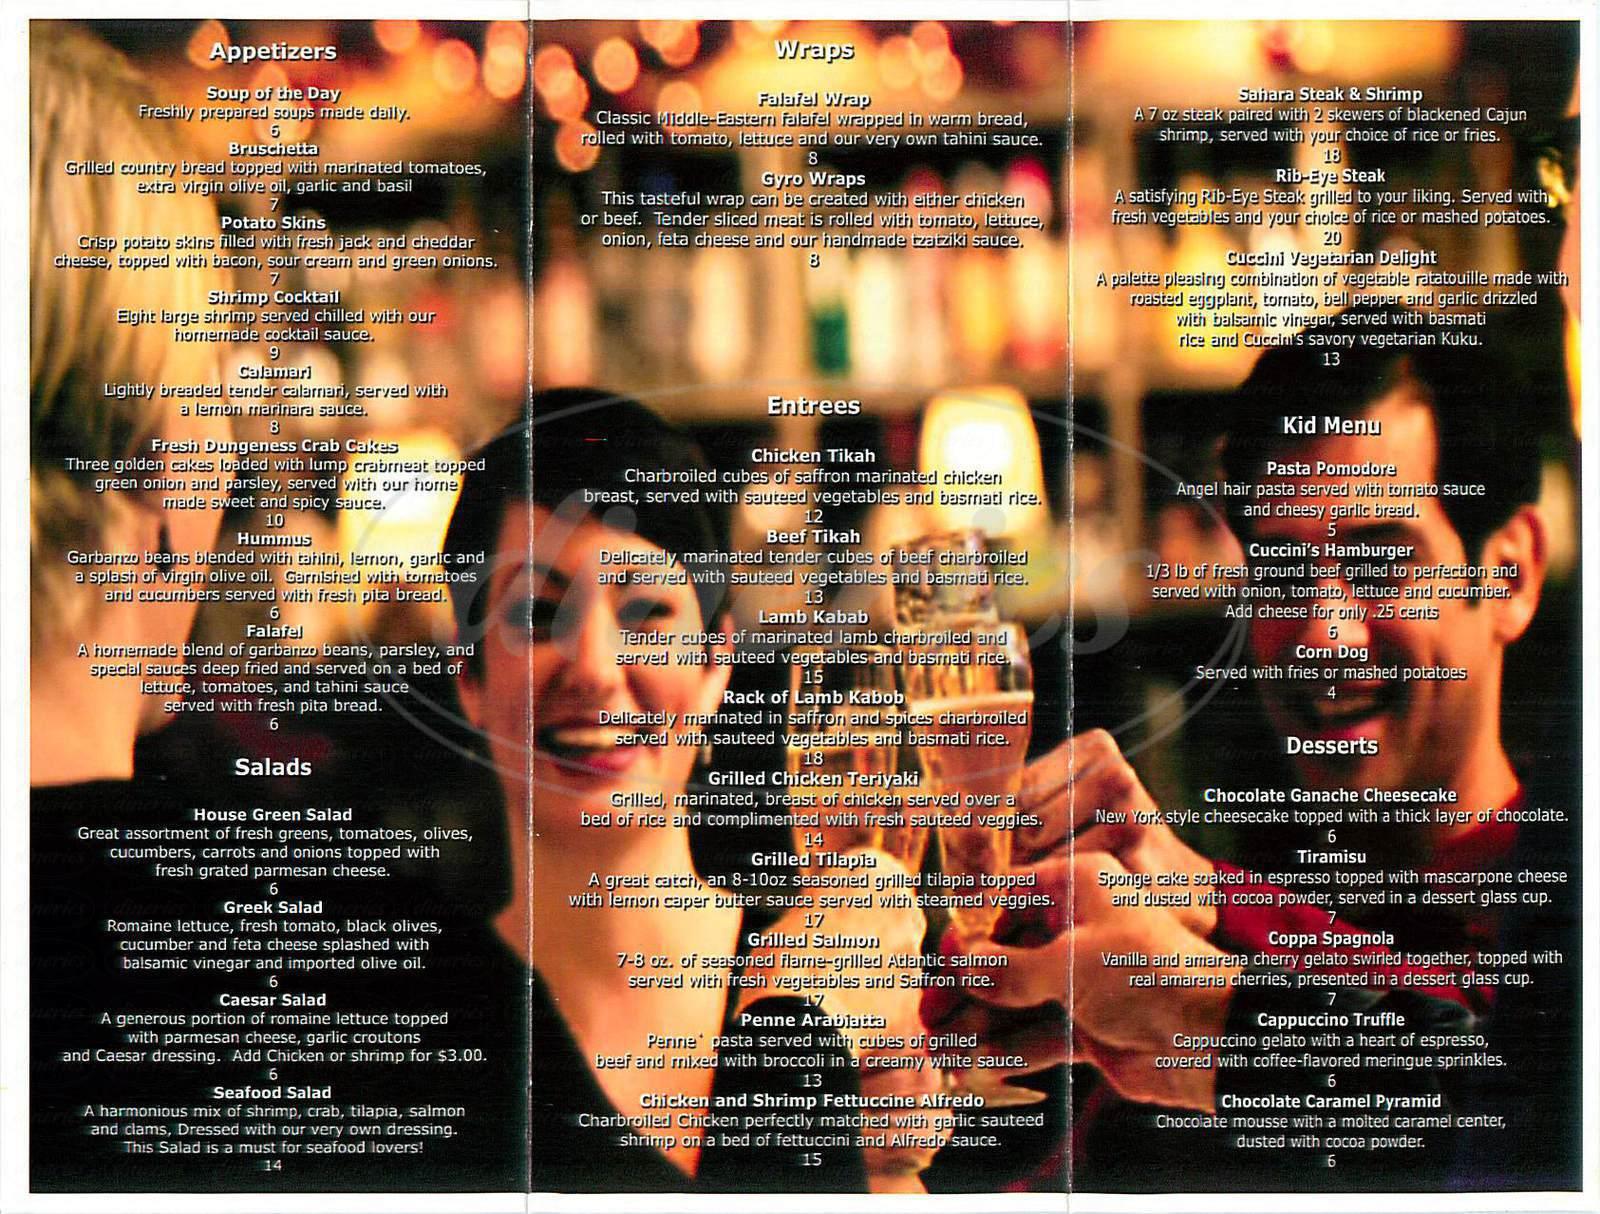 menu for Cuccini